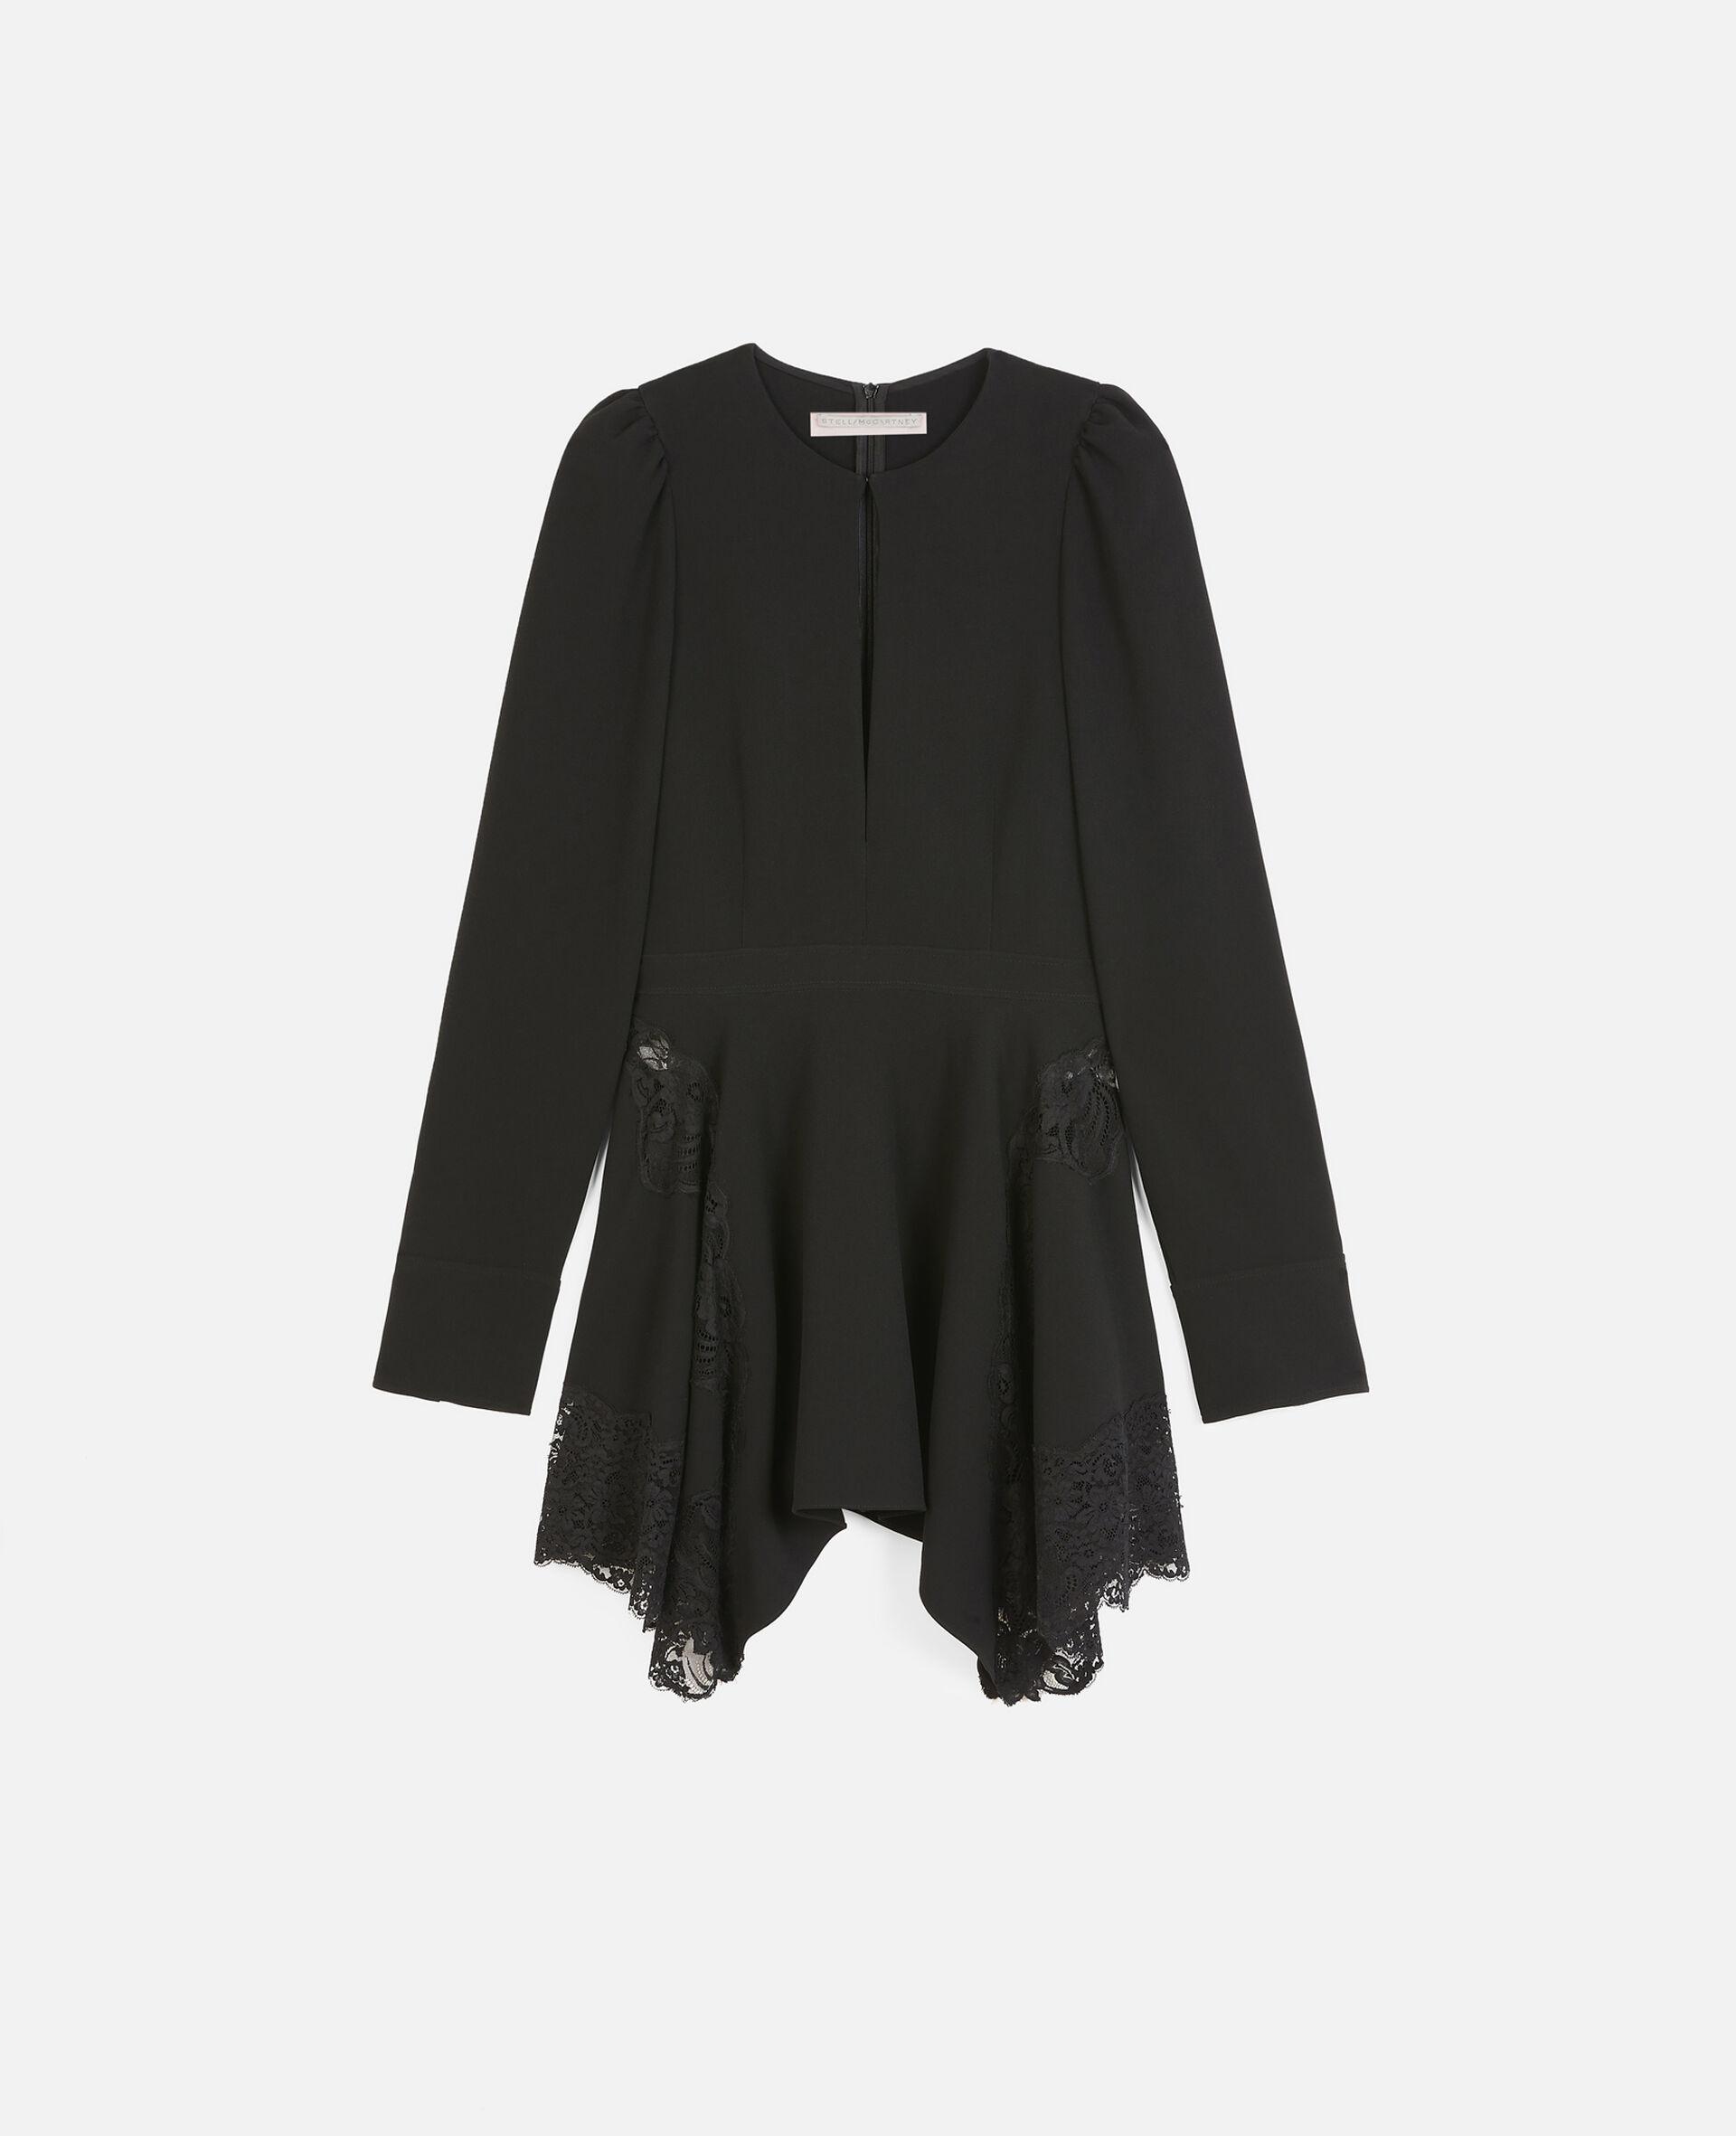 Celeste 迷你连衣裙-黑色-large image number 0